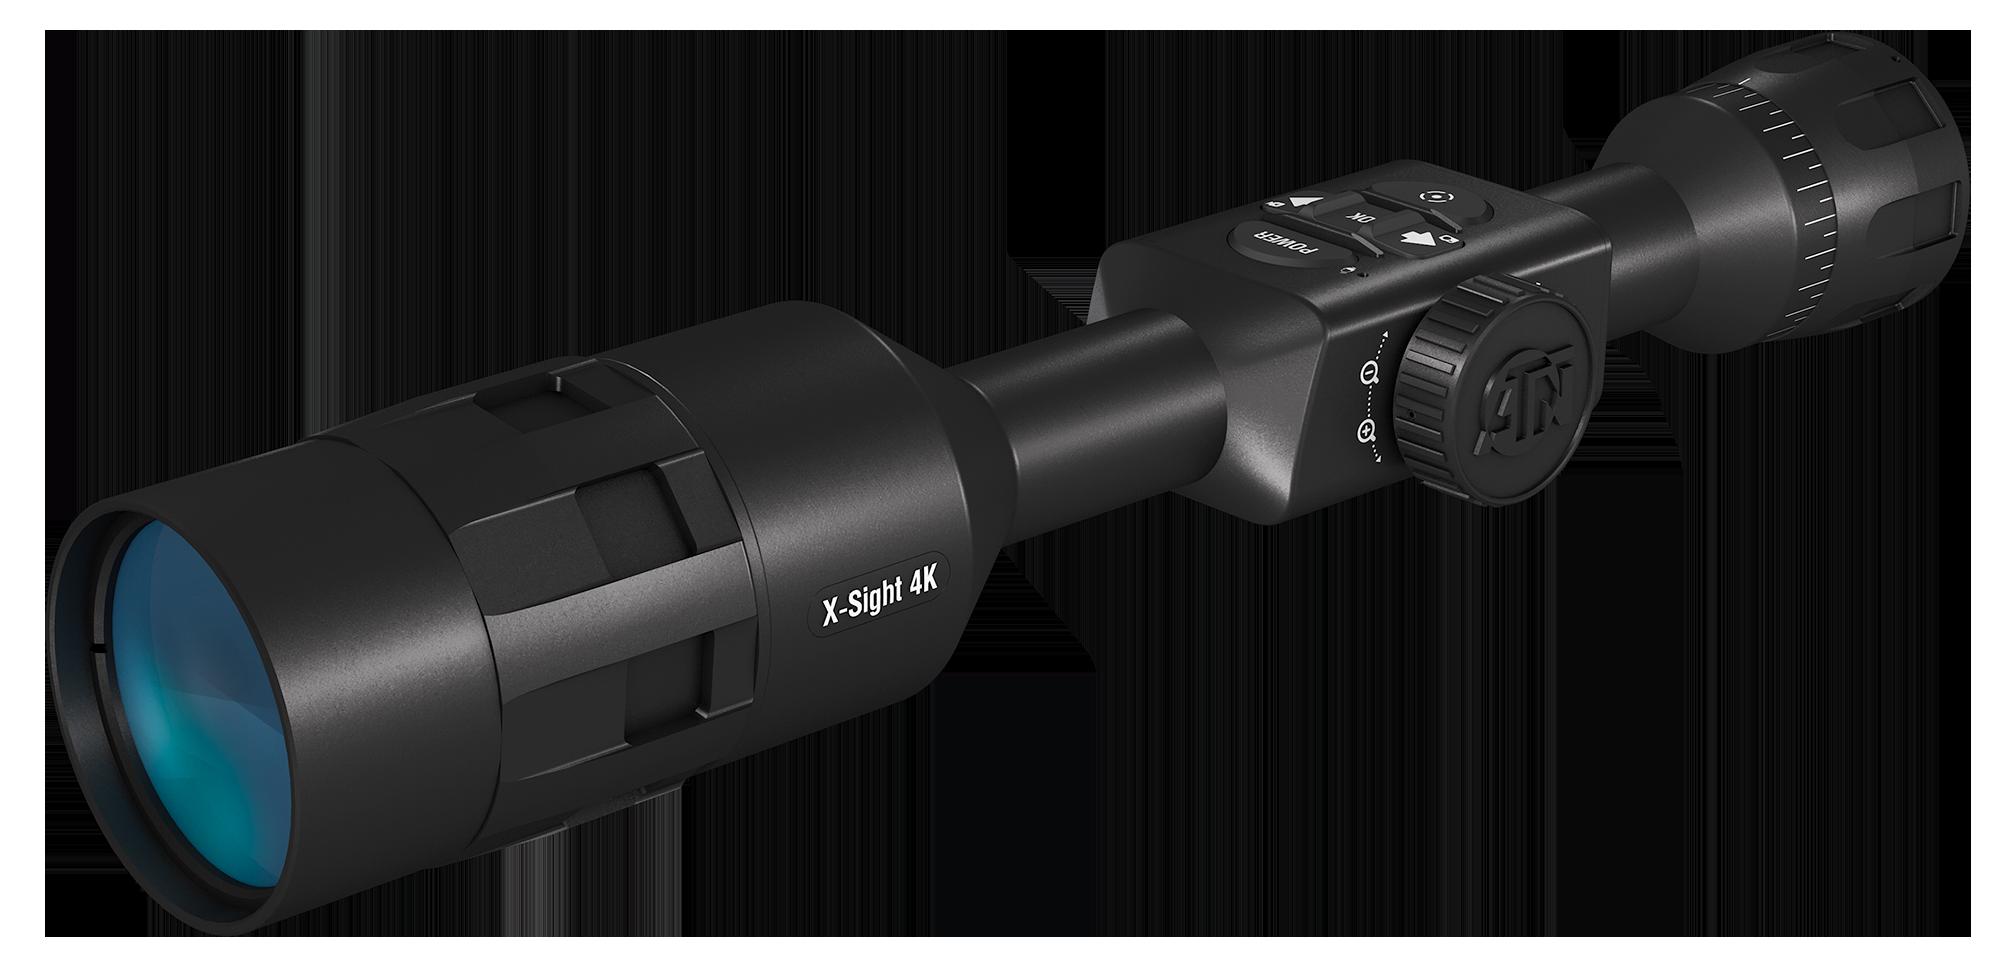 ATN Rifle Scope Day & Night X-Sight 4K Pro Edition